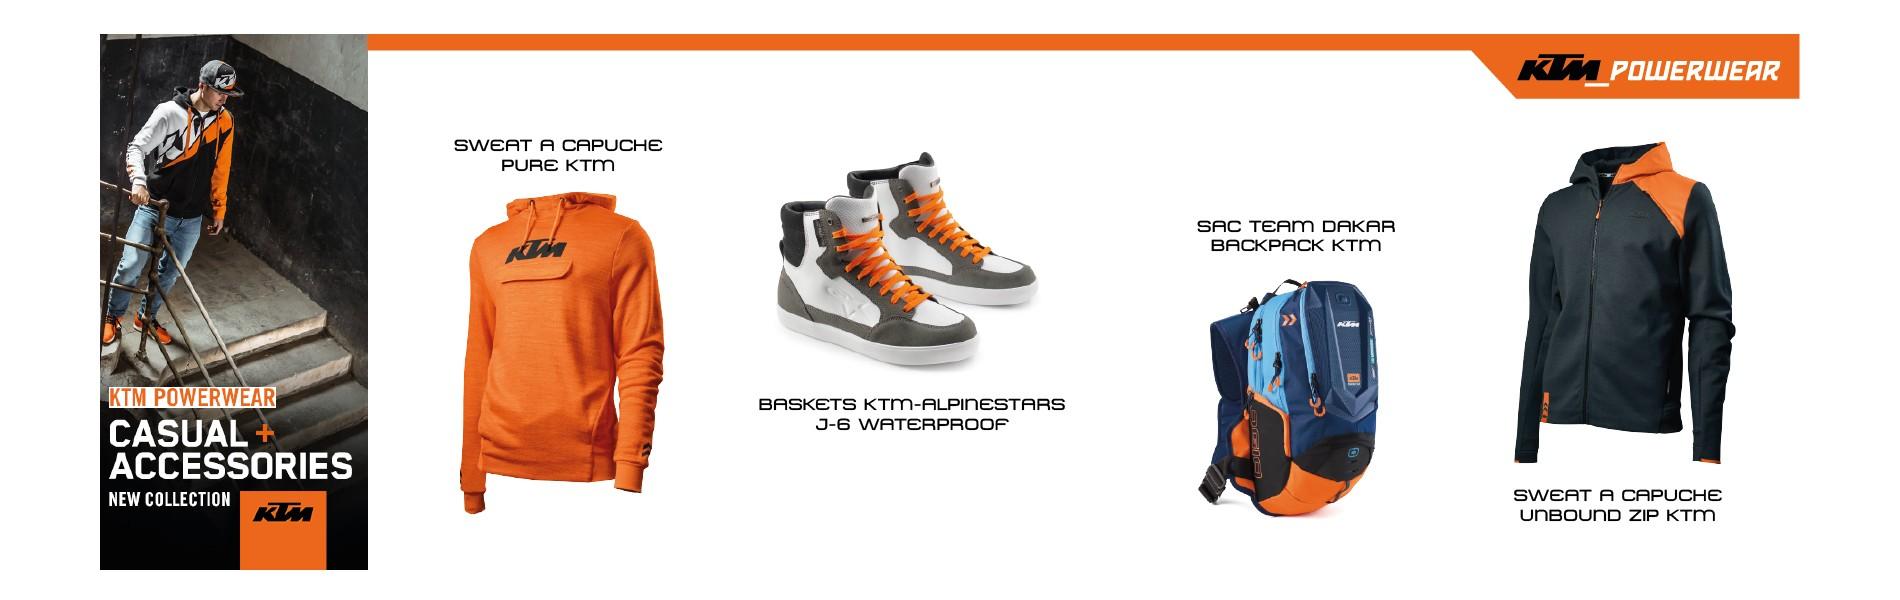 Découvrez la gamme Powerwear KTM !